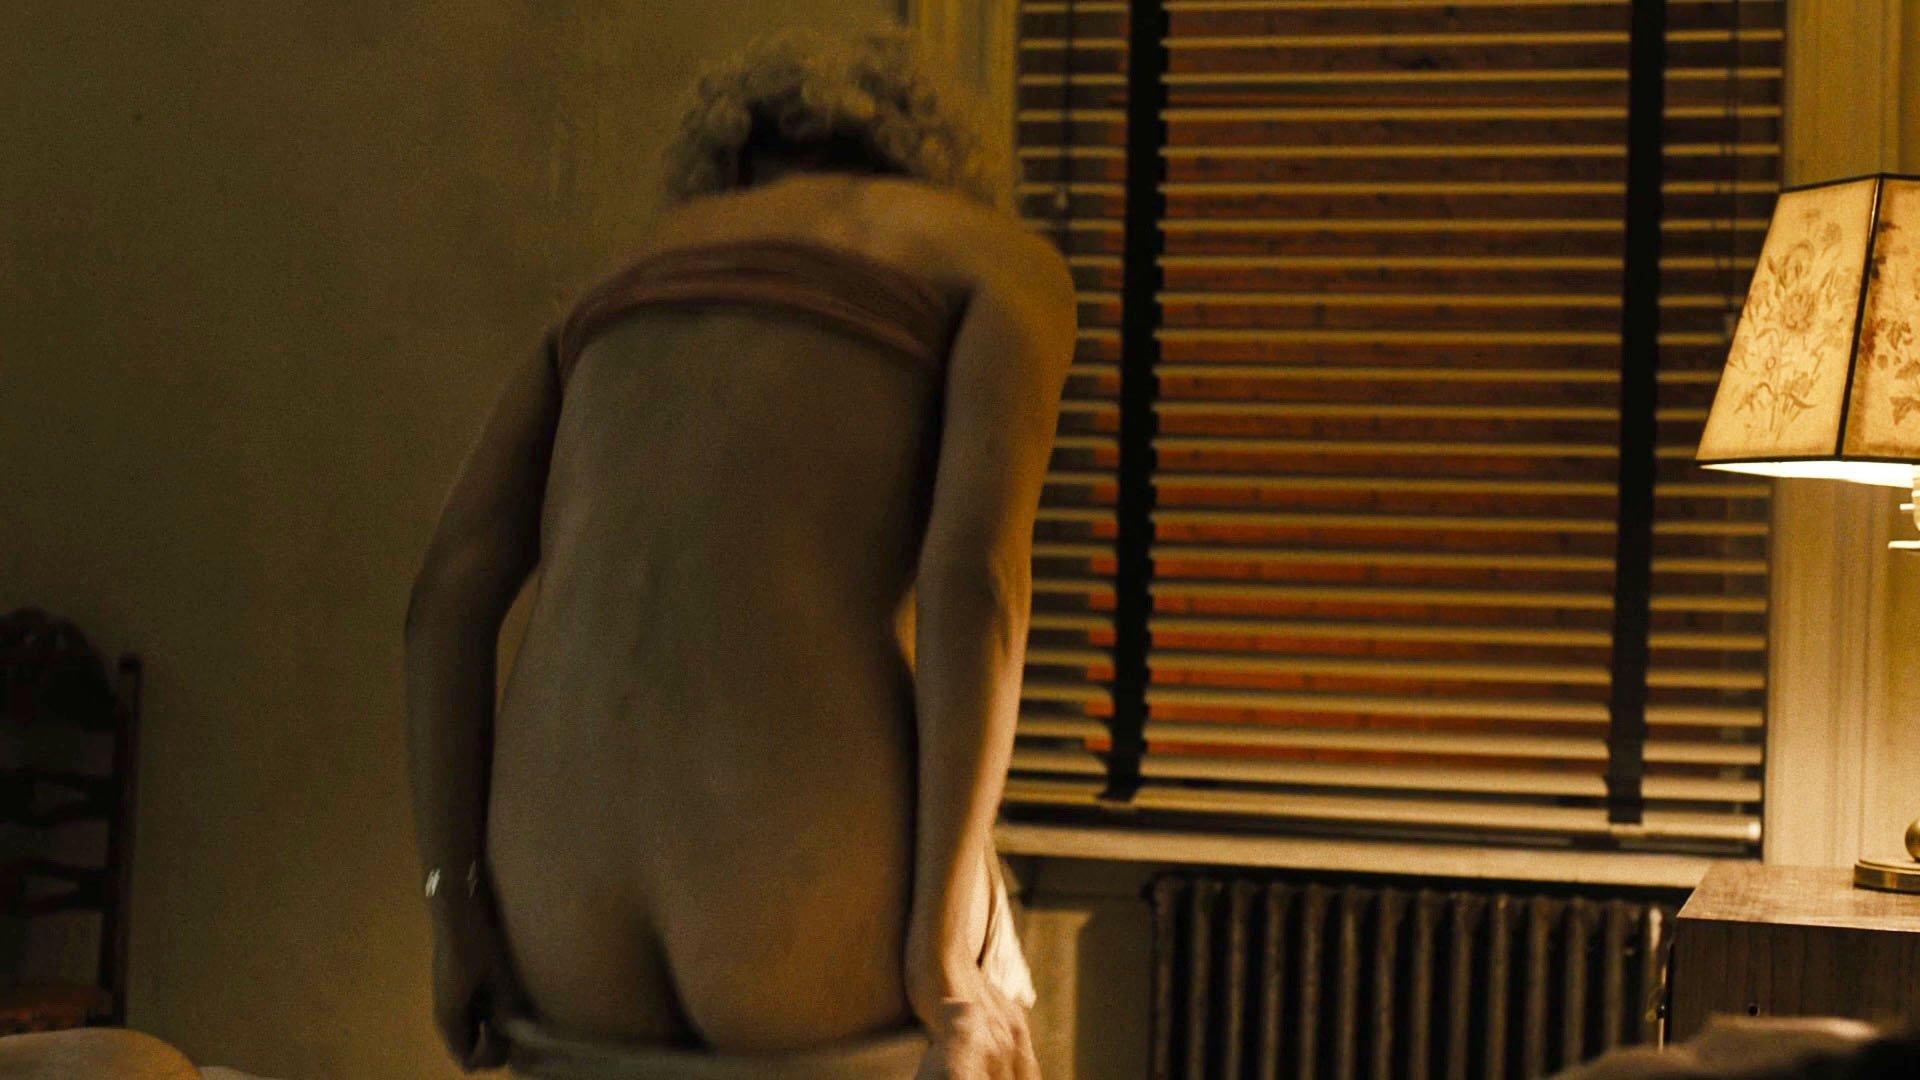 Cheryl tiegs naked nude